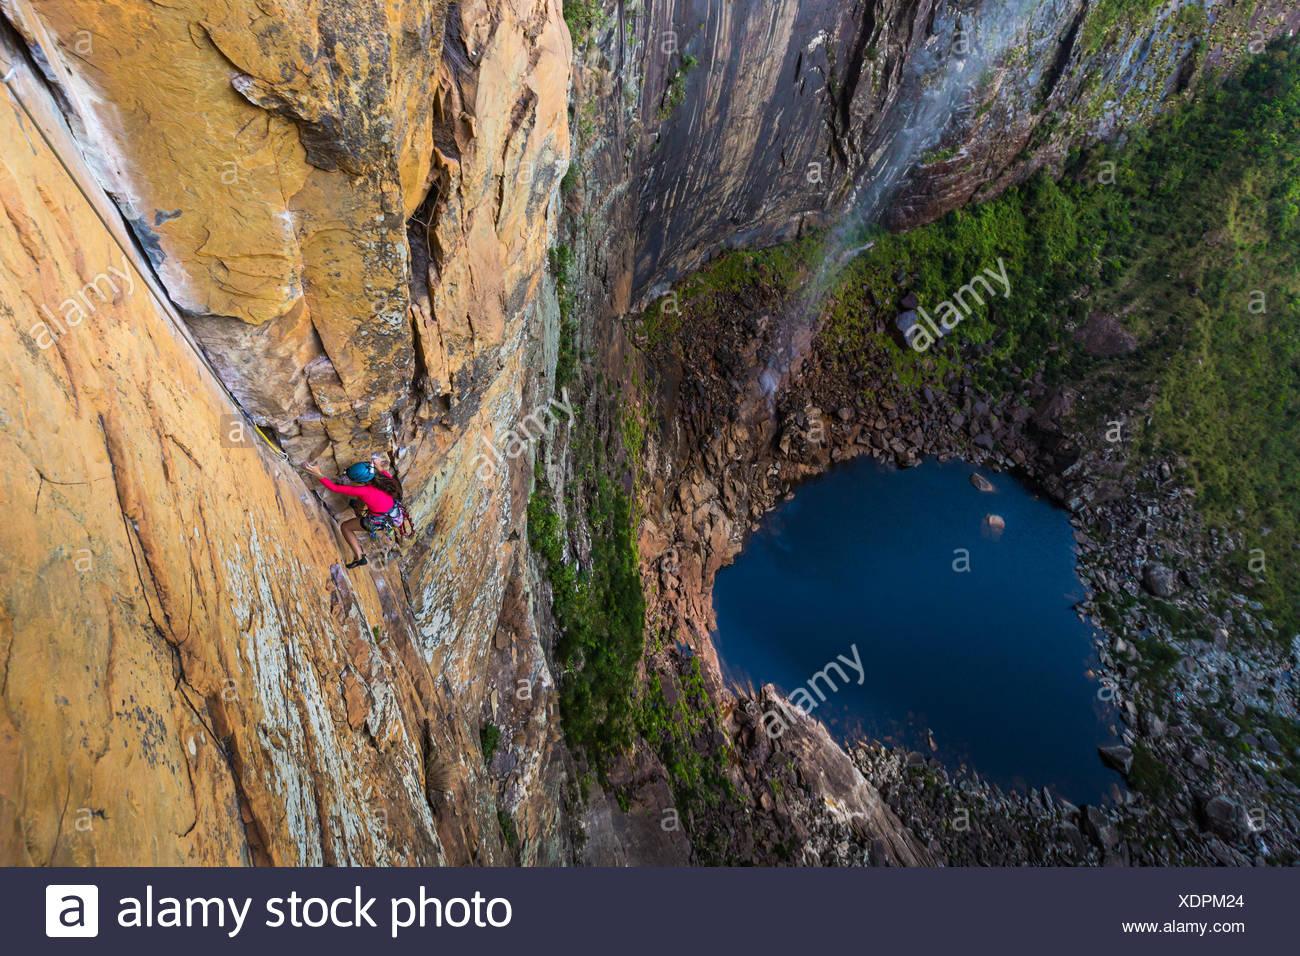 Una donna salendo accanto ad una cascata in una parete rocciosa. Immagini Stock